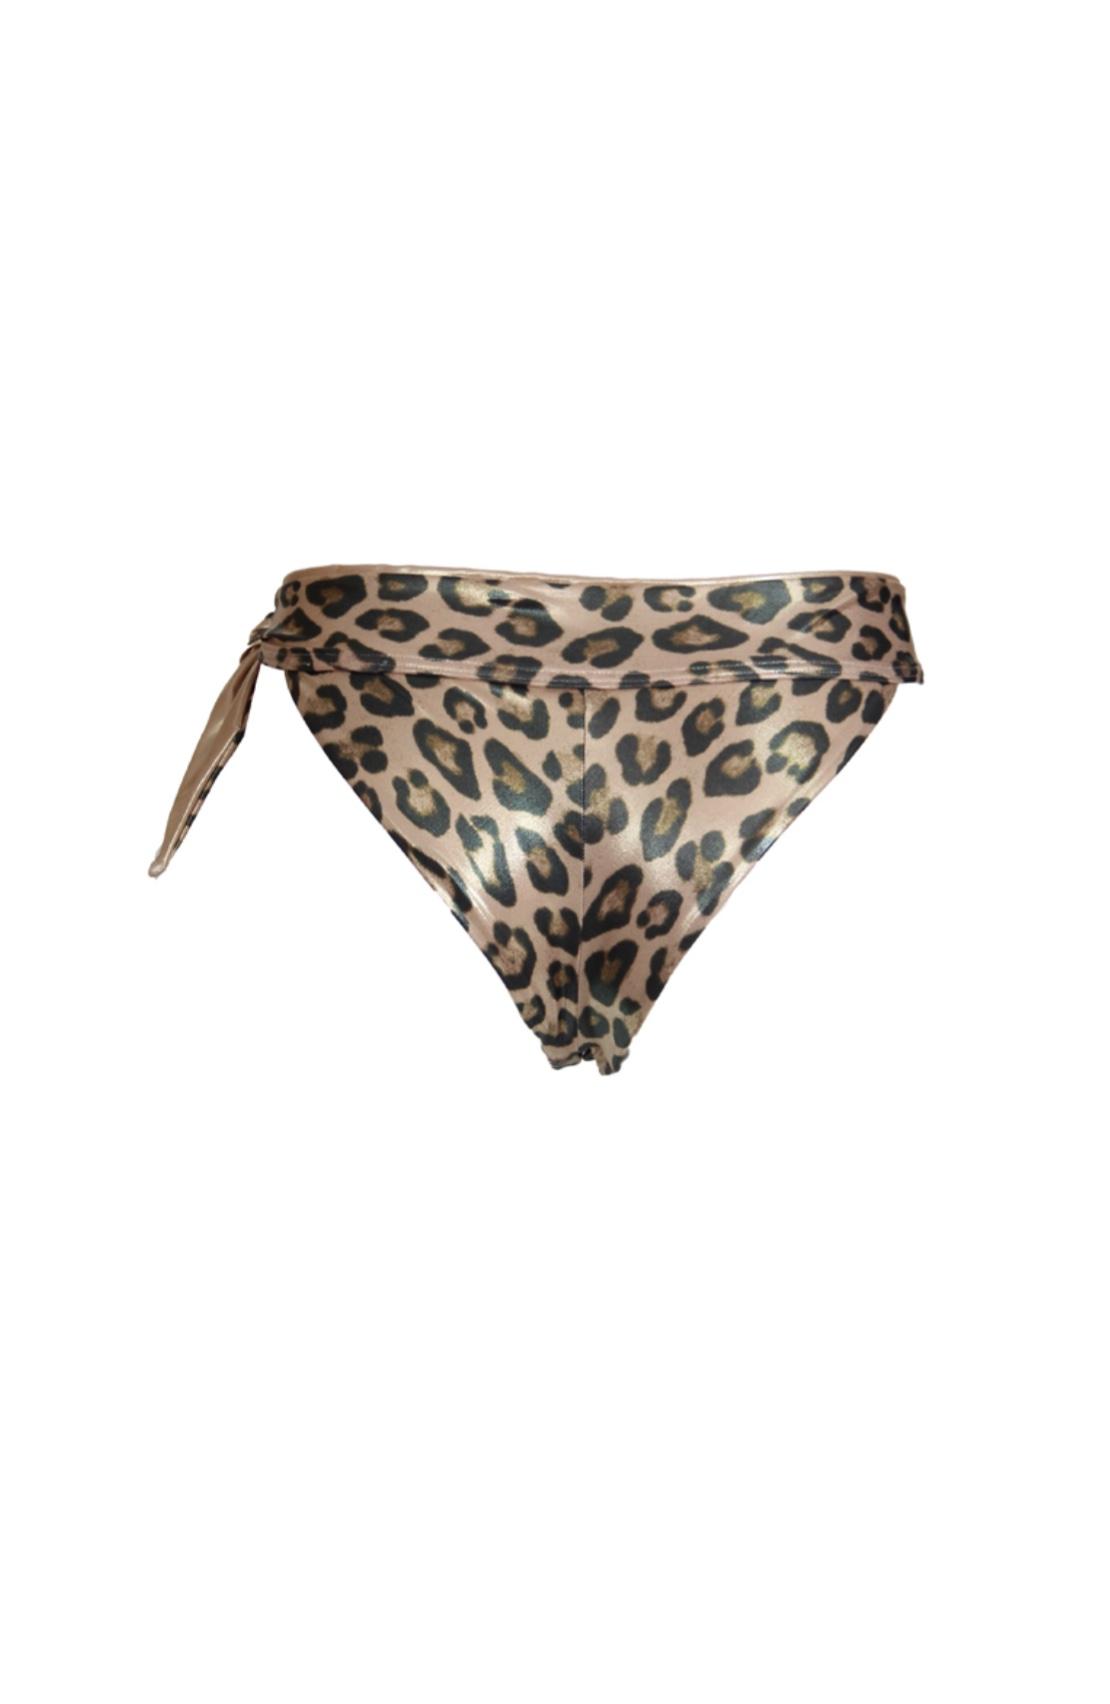 5e4f1142d05 MED μαγιό σλιπ Gigi - Mix and Match - Λεοπάρ - Brazil | lingerie-shop.gr